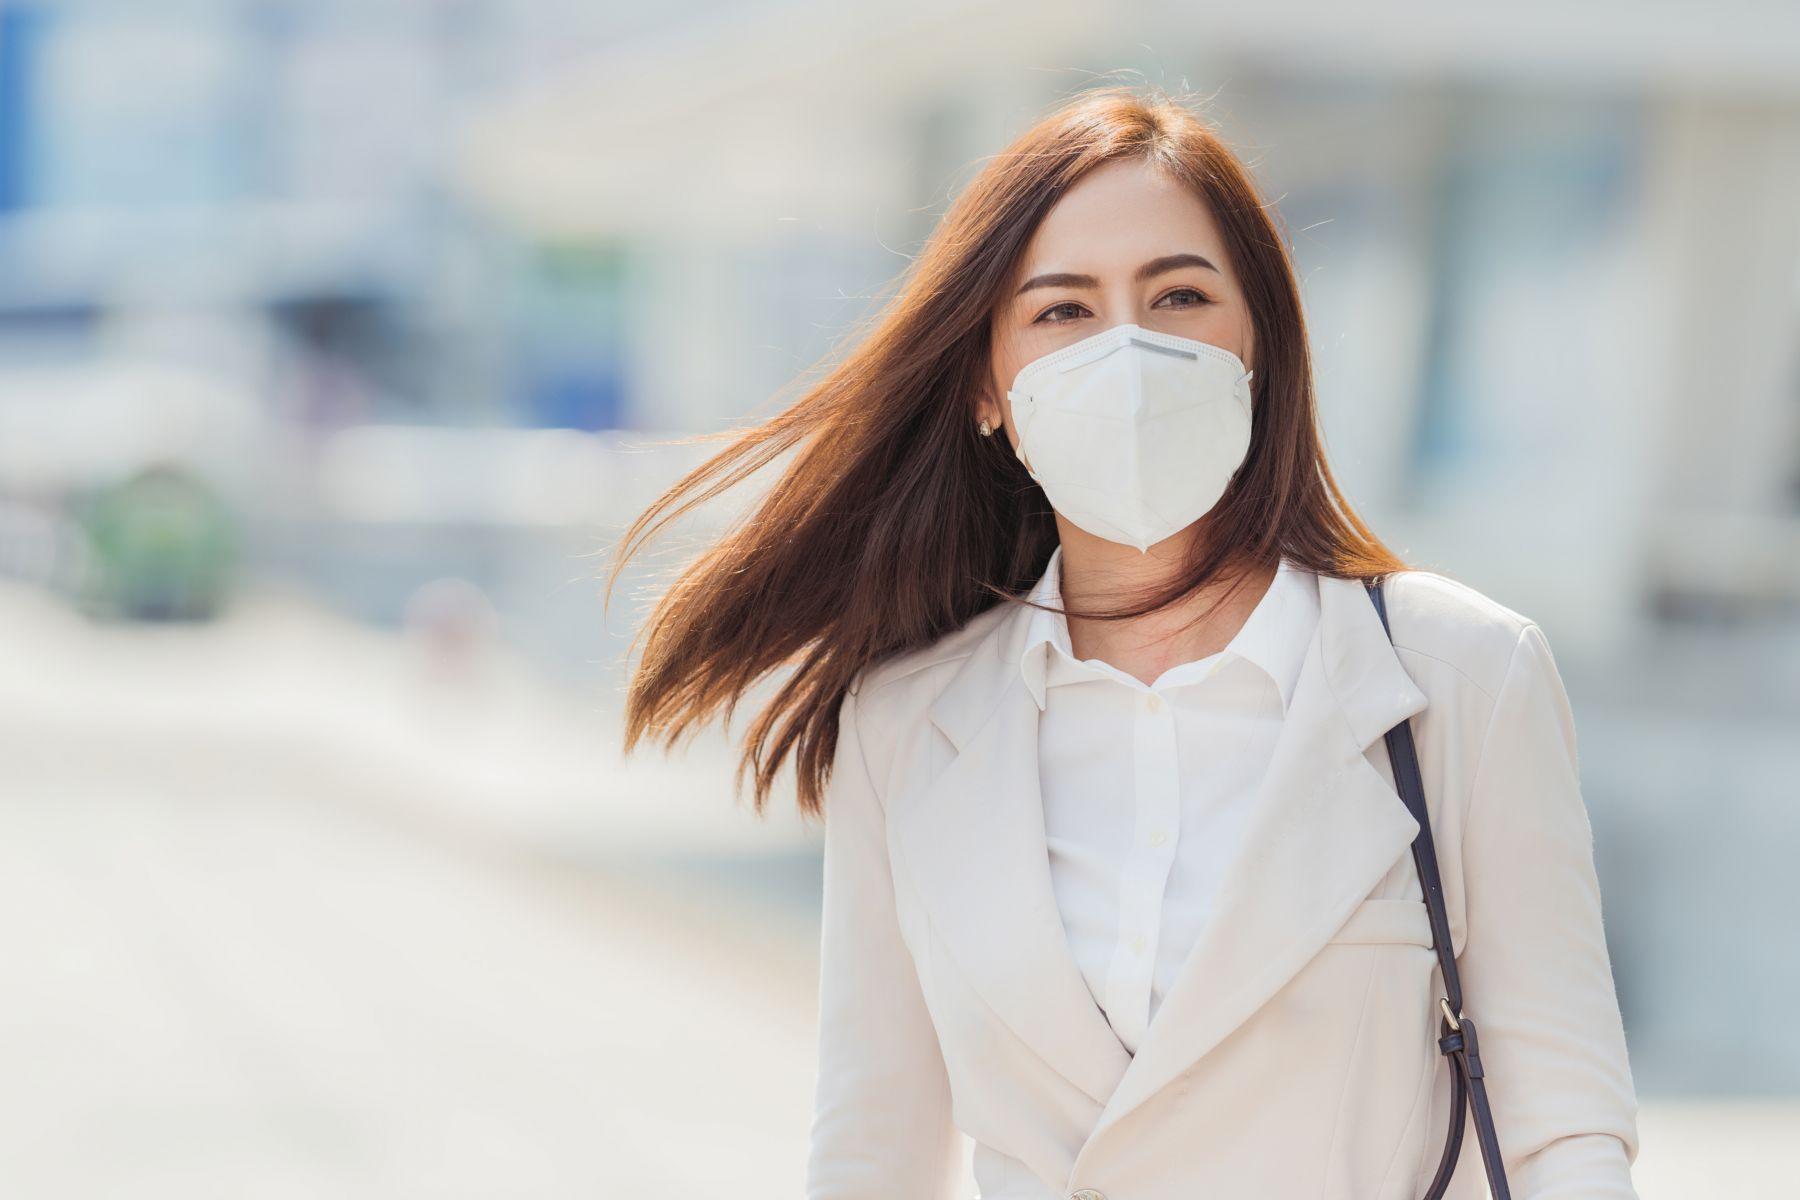 小心流感要你命! 台灣已56死、美國上萬死 為何大家只注意武漢肺炎? 原因可能是這個